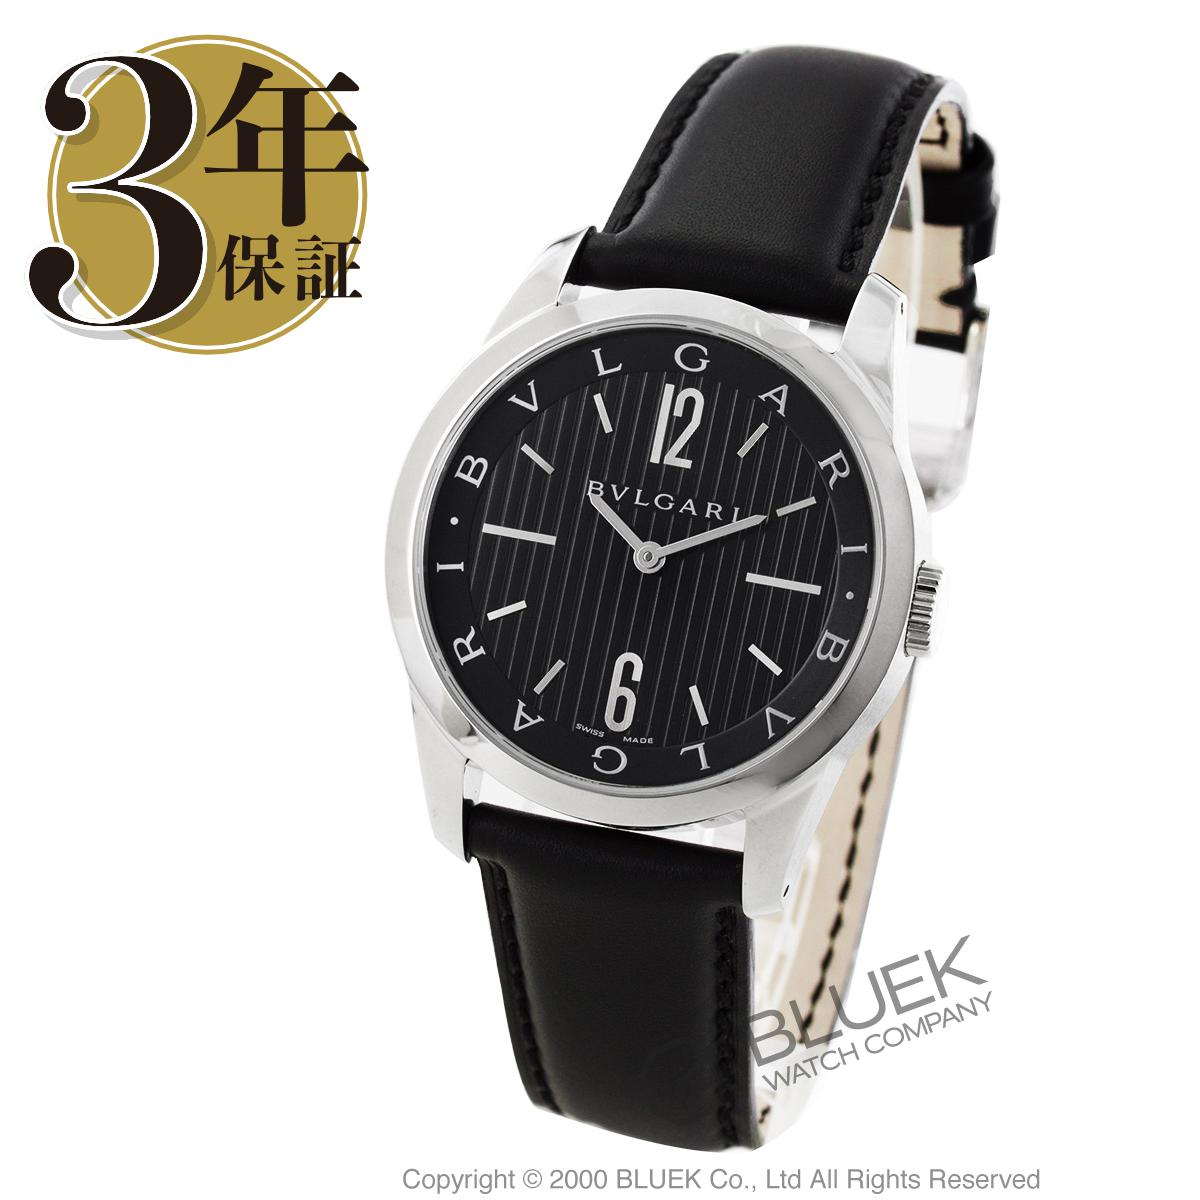 ブルガリ ソロテンポ 腕時計 メンズ BVLGARI ST37BSL_8